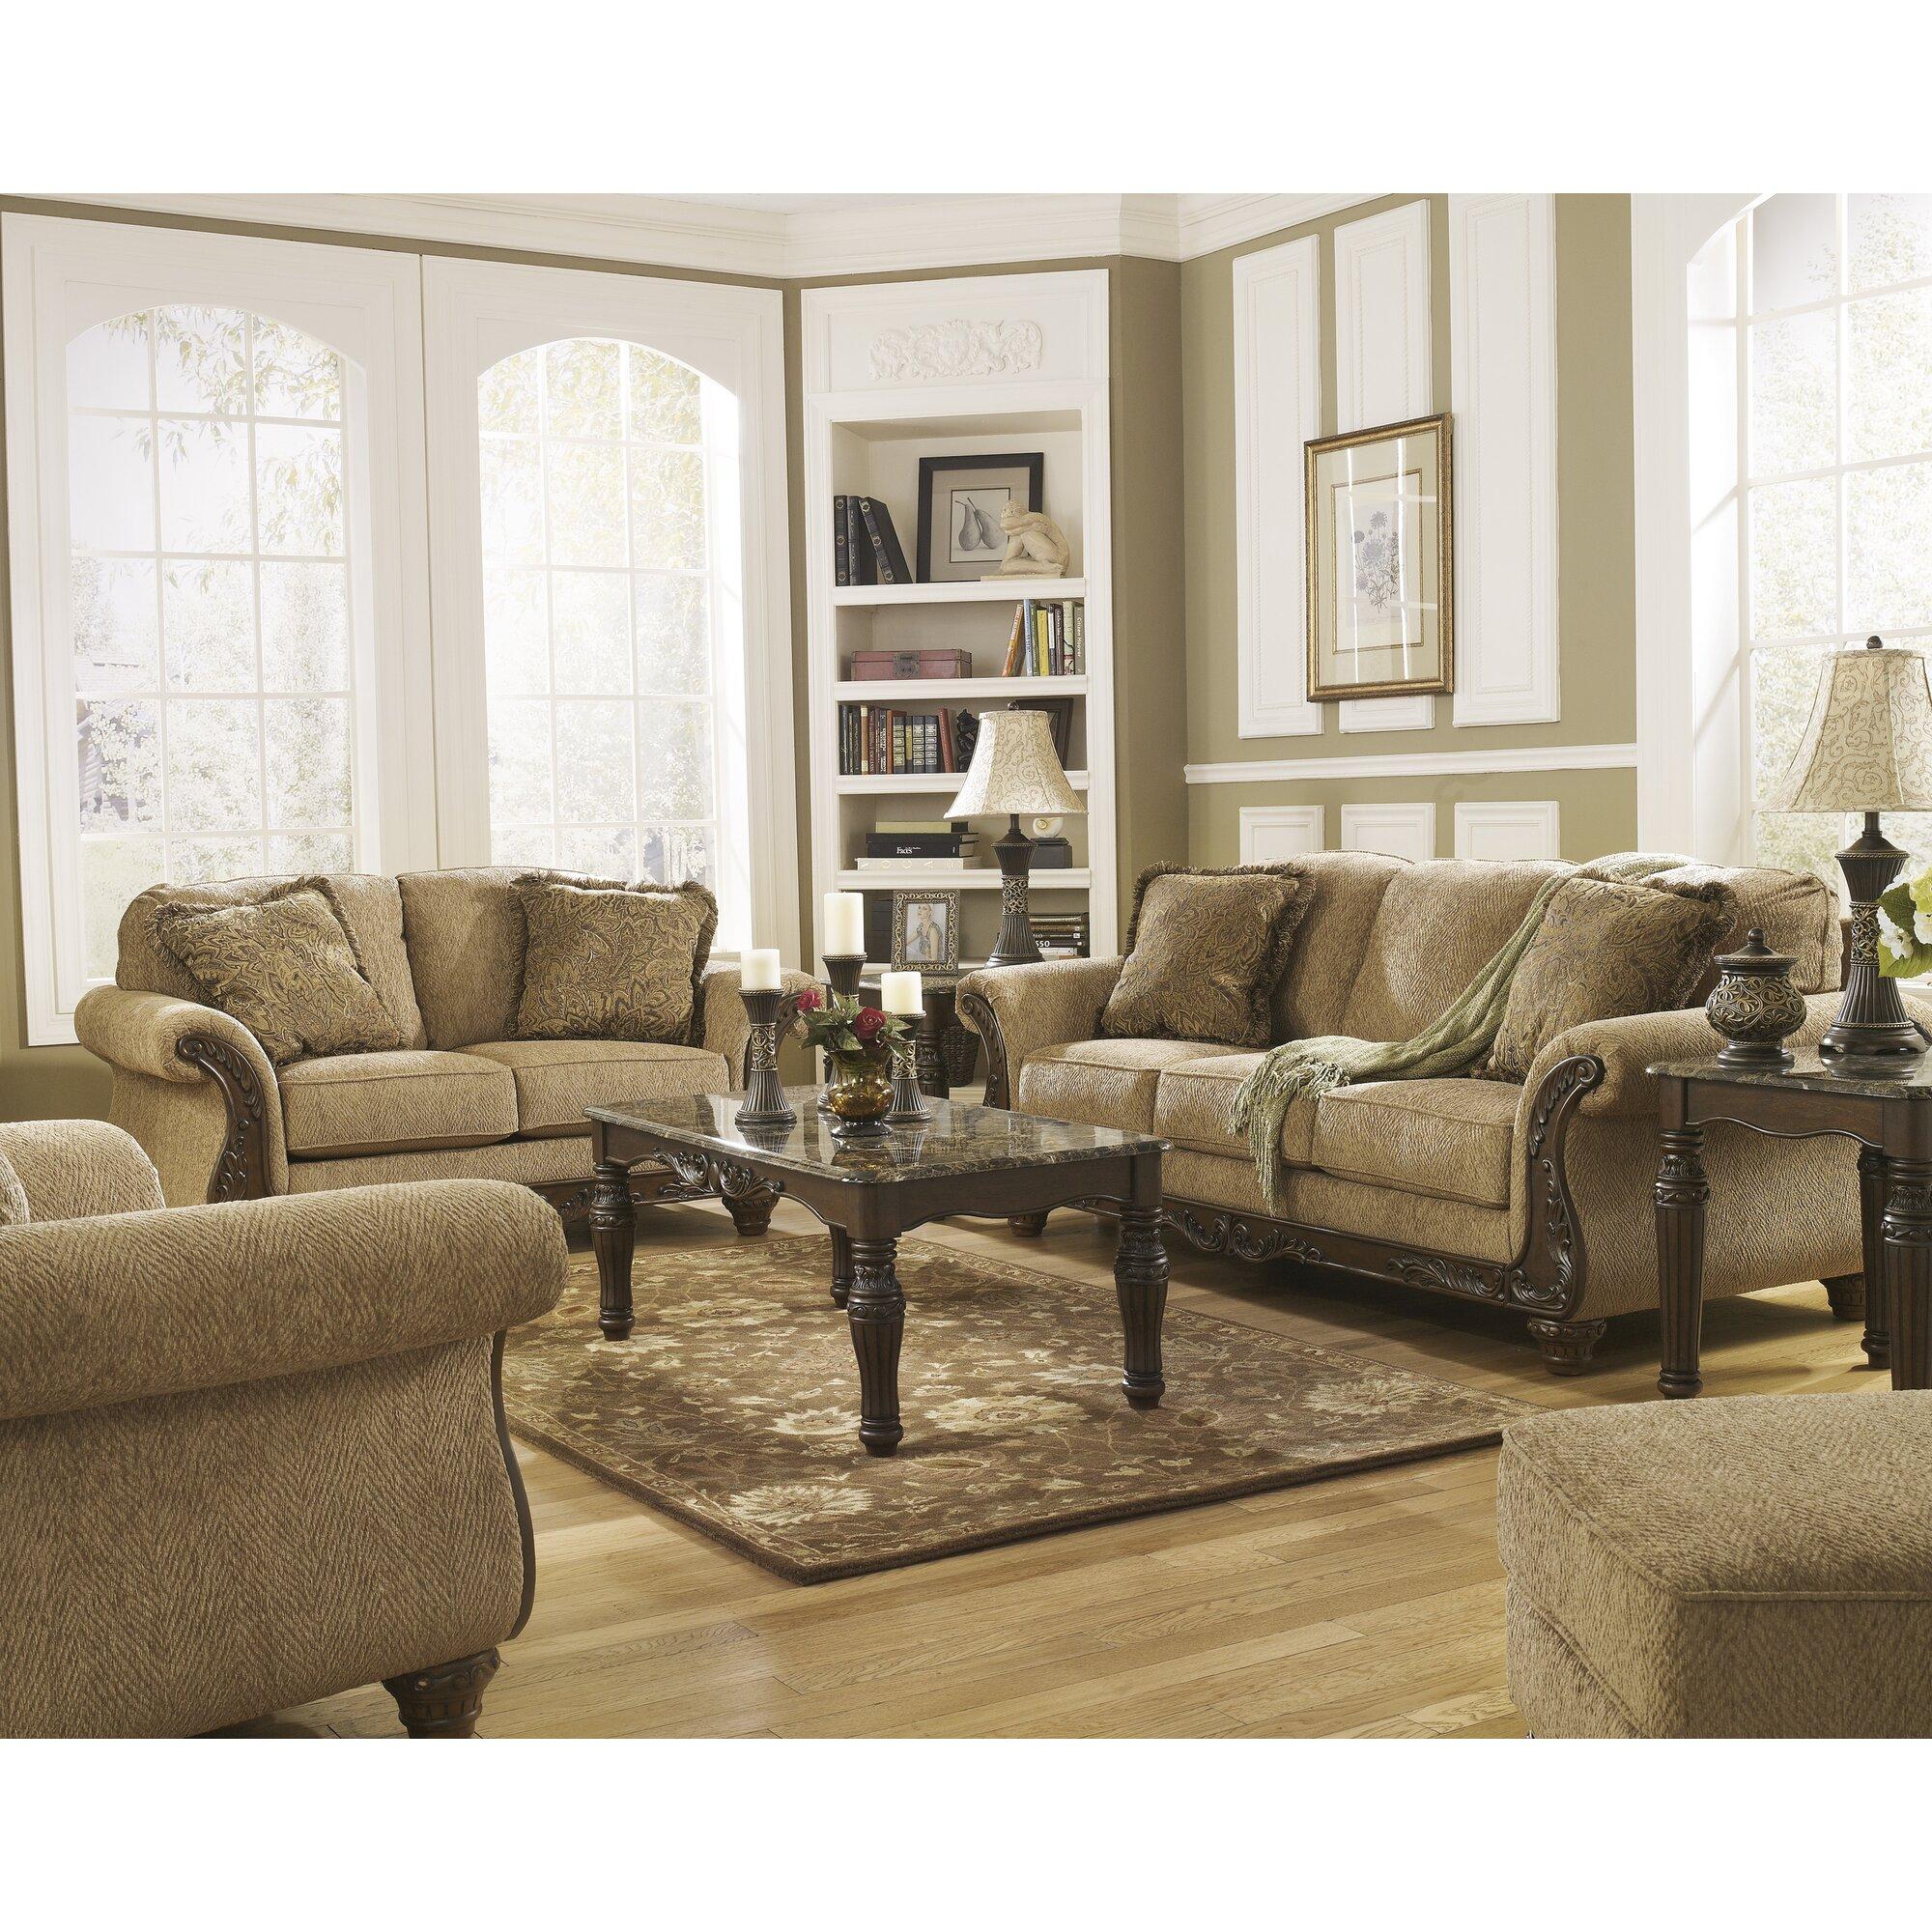 Astoria Grand Pirton Living Room Collection & Reviews